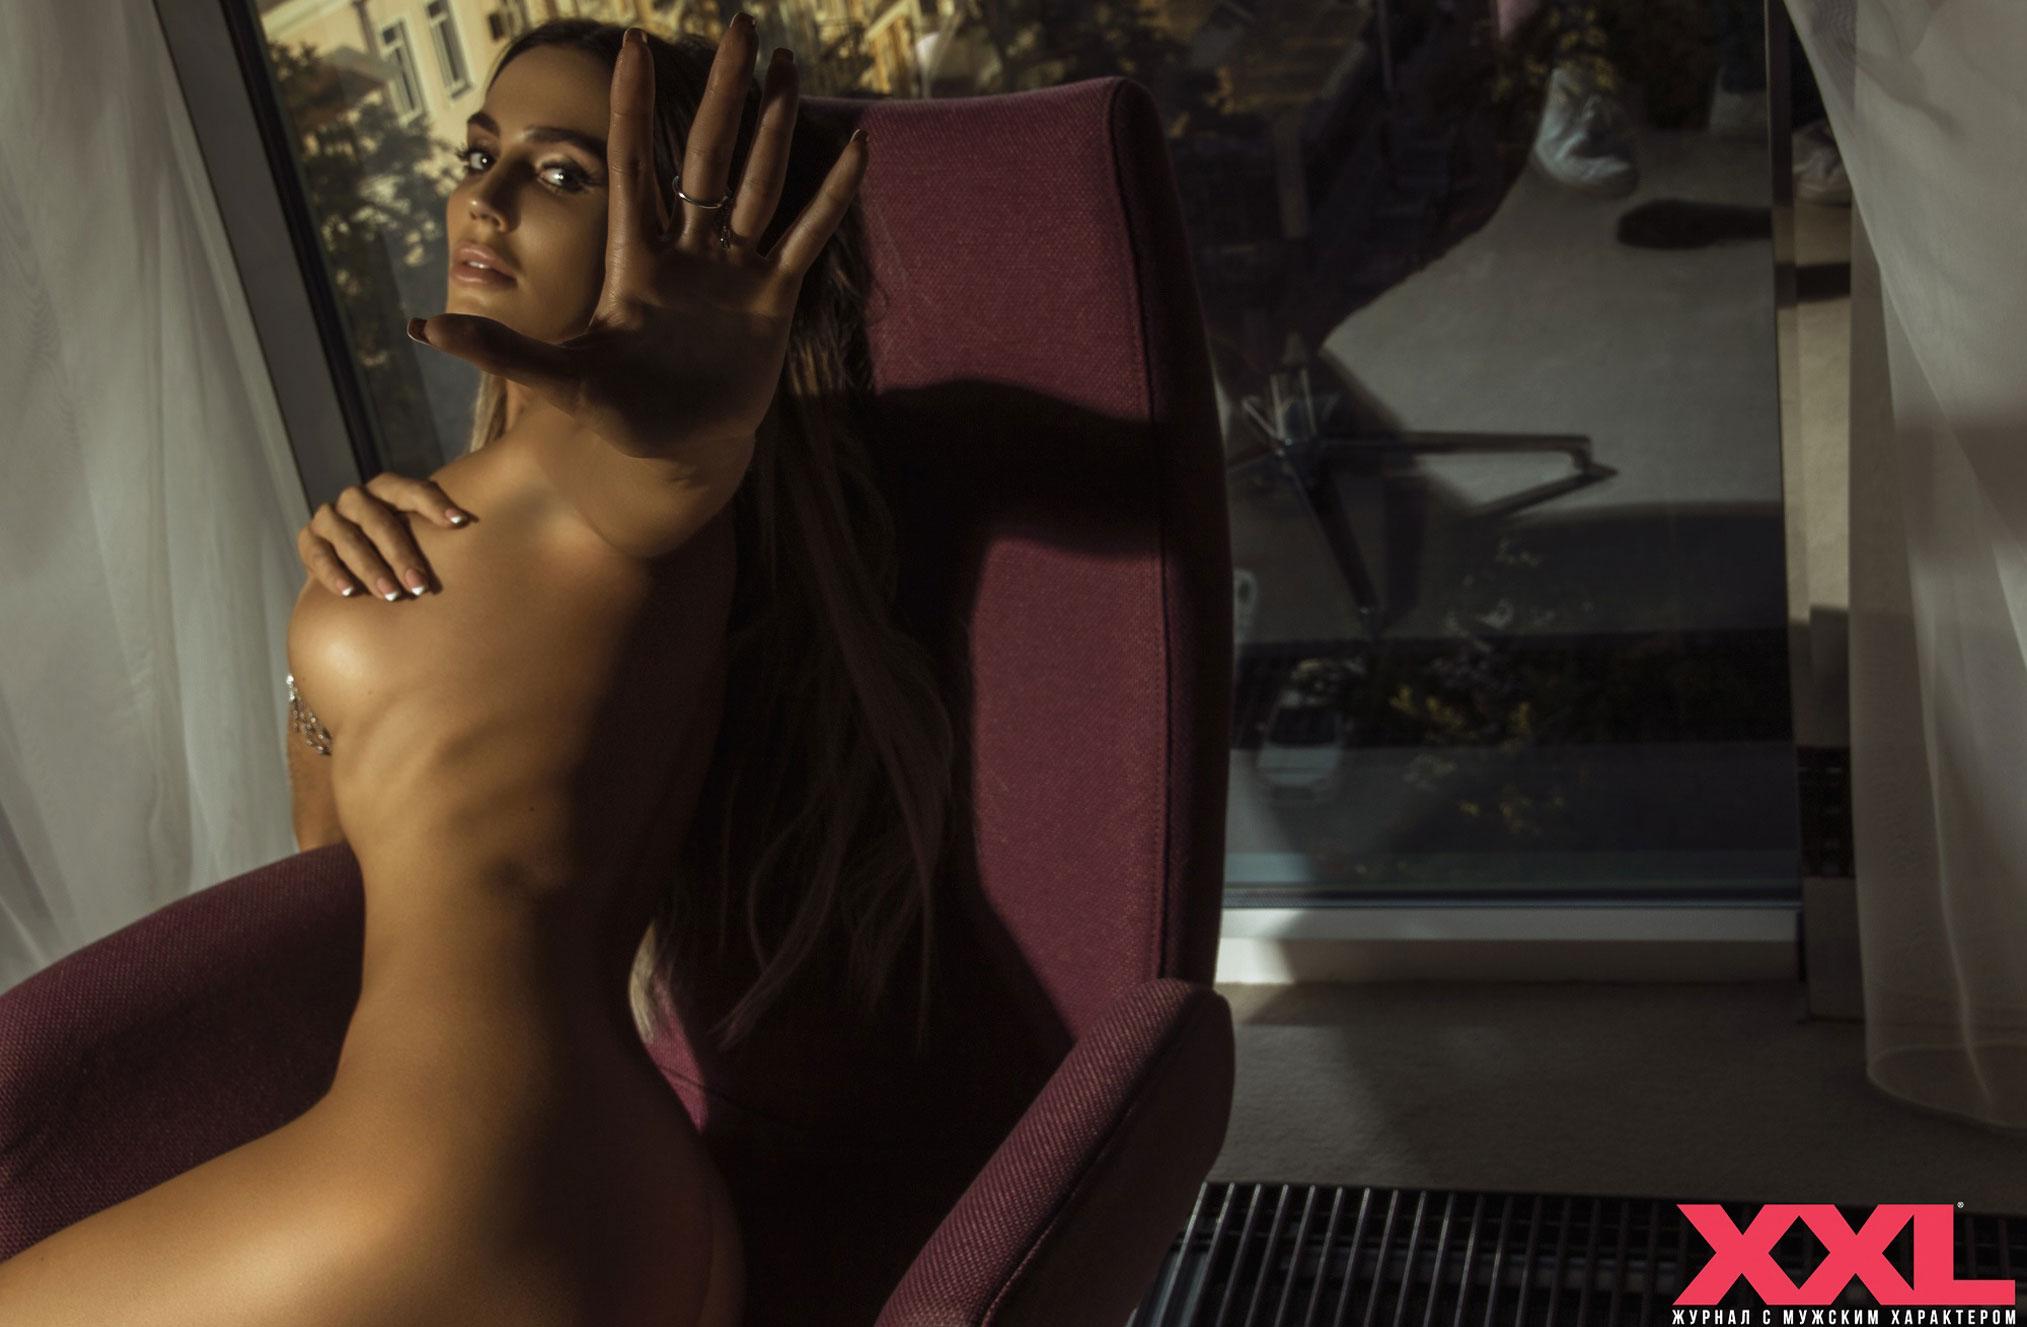 Актриса, модель и телеведущая Эмма Ди голая в мужском журнале XXL / фото 10